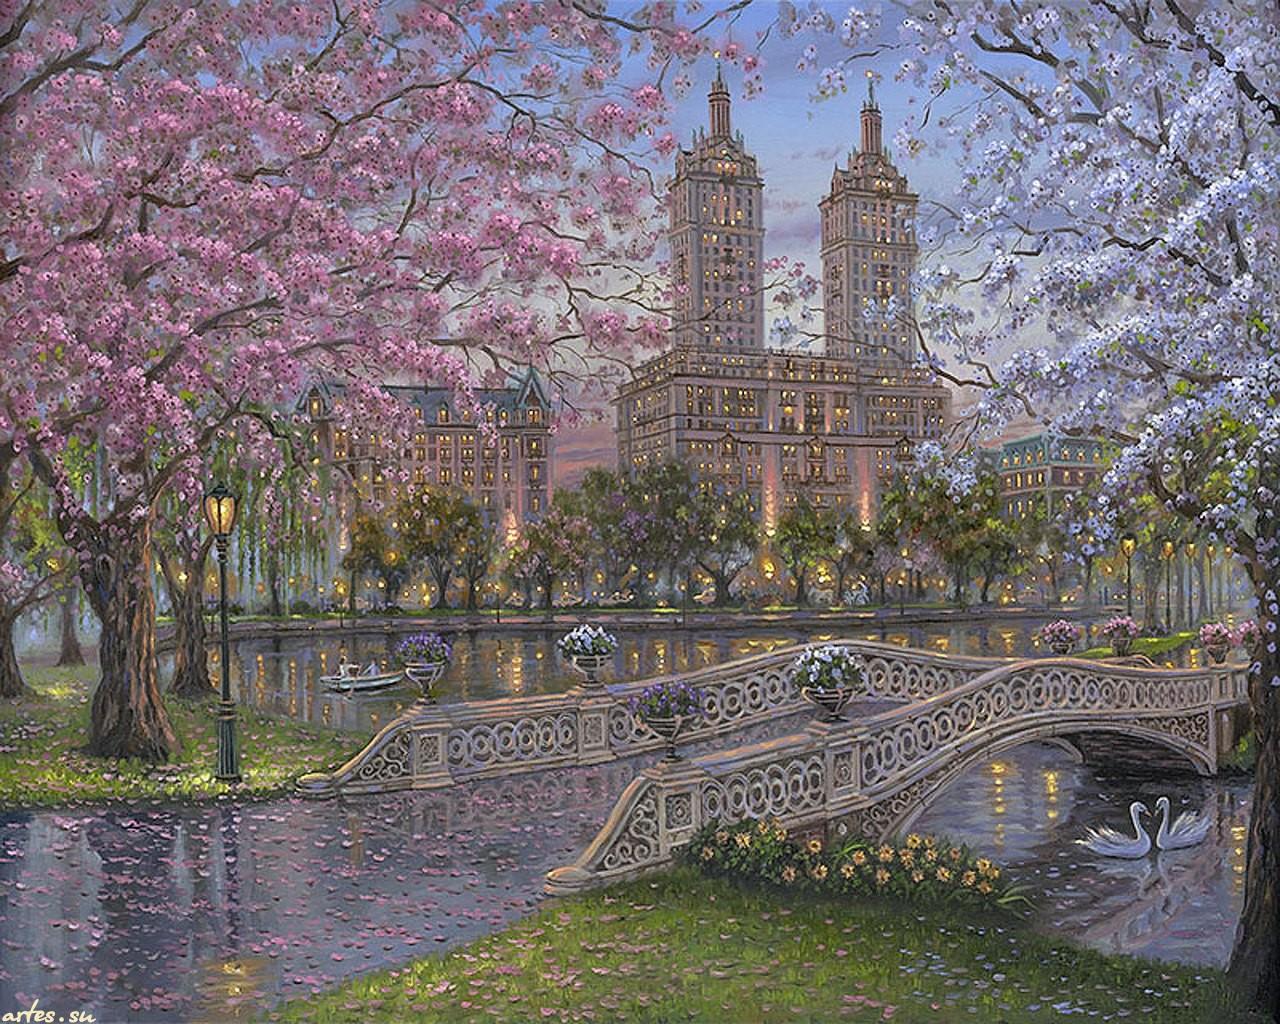 Скачать обои пейзаж весна в парке robert